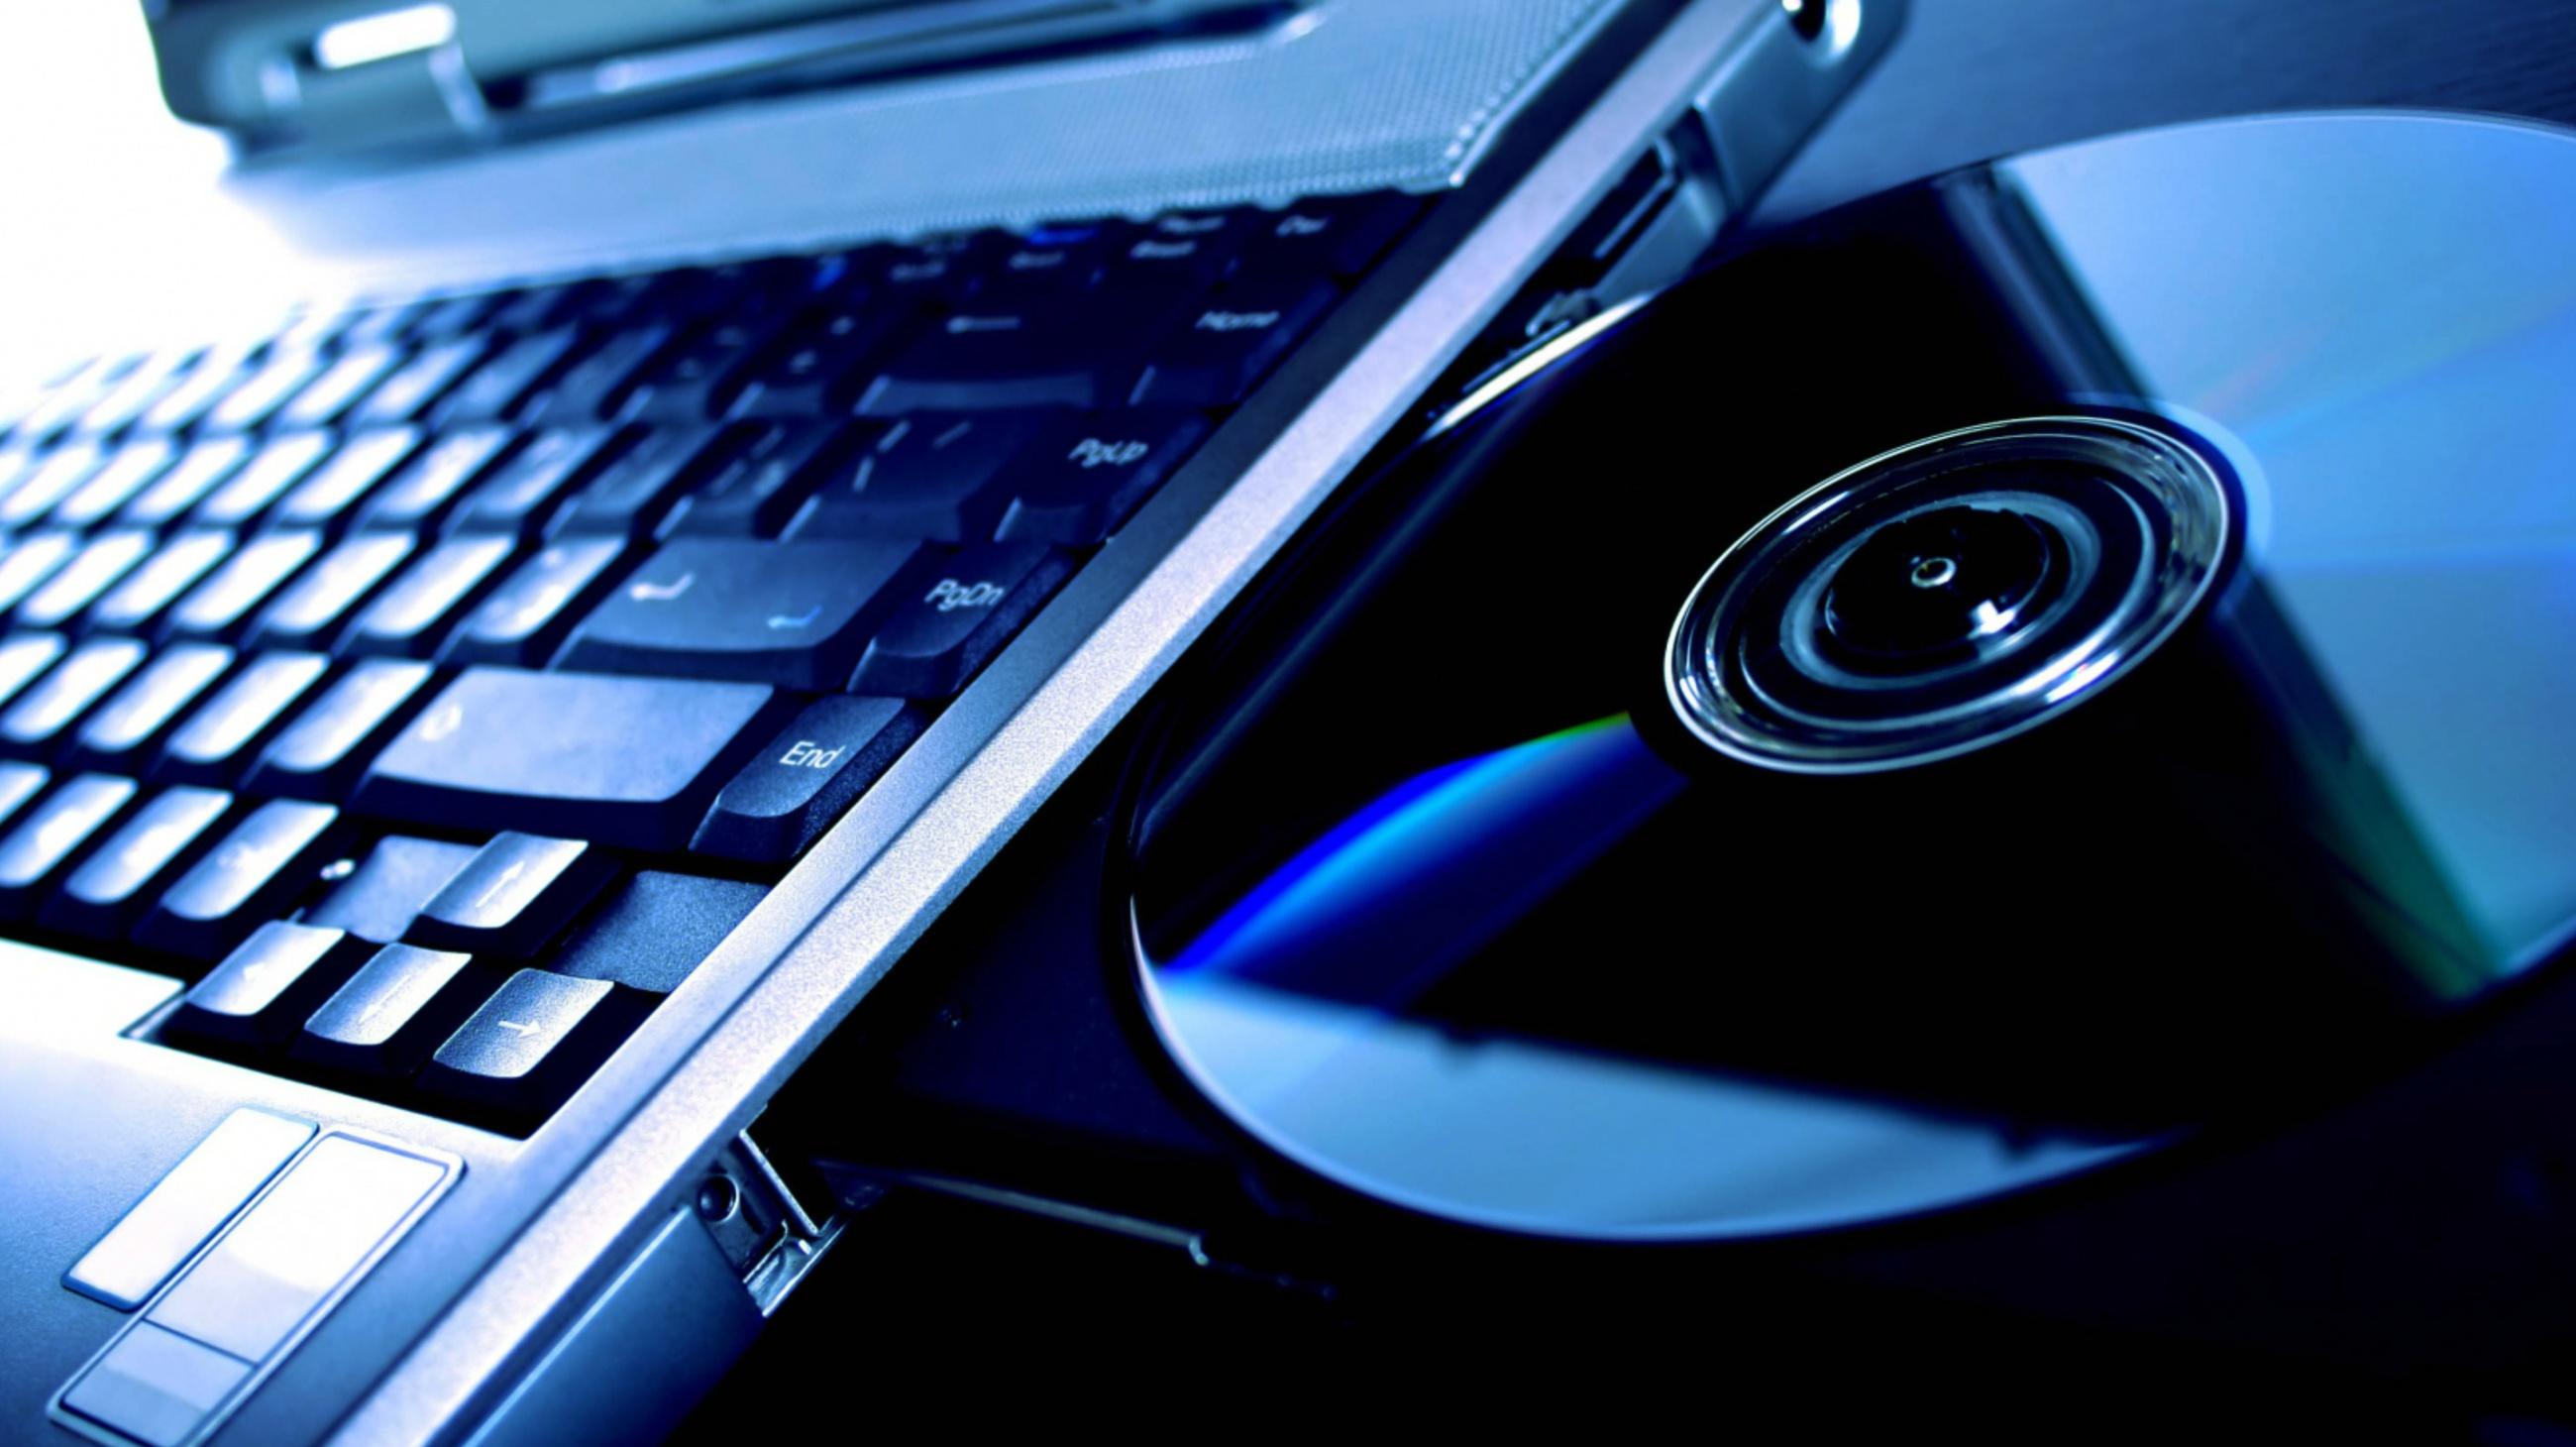 phu ELWA s.c. - Komputery, kasy fiskalne, oprogramowanie, klimatyzacja - sprzedaż, serwis